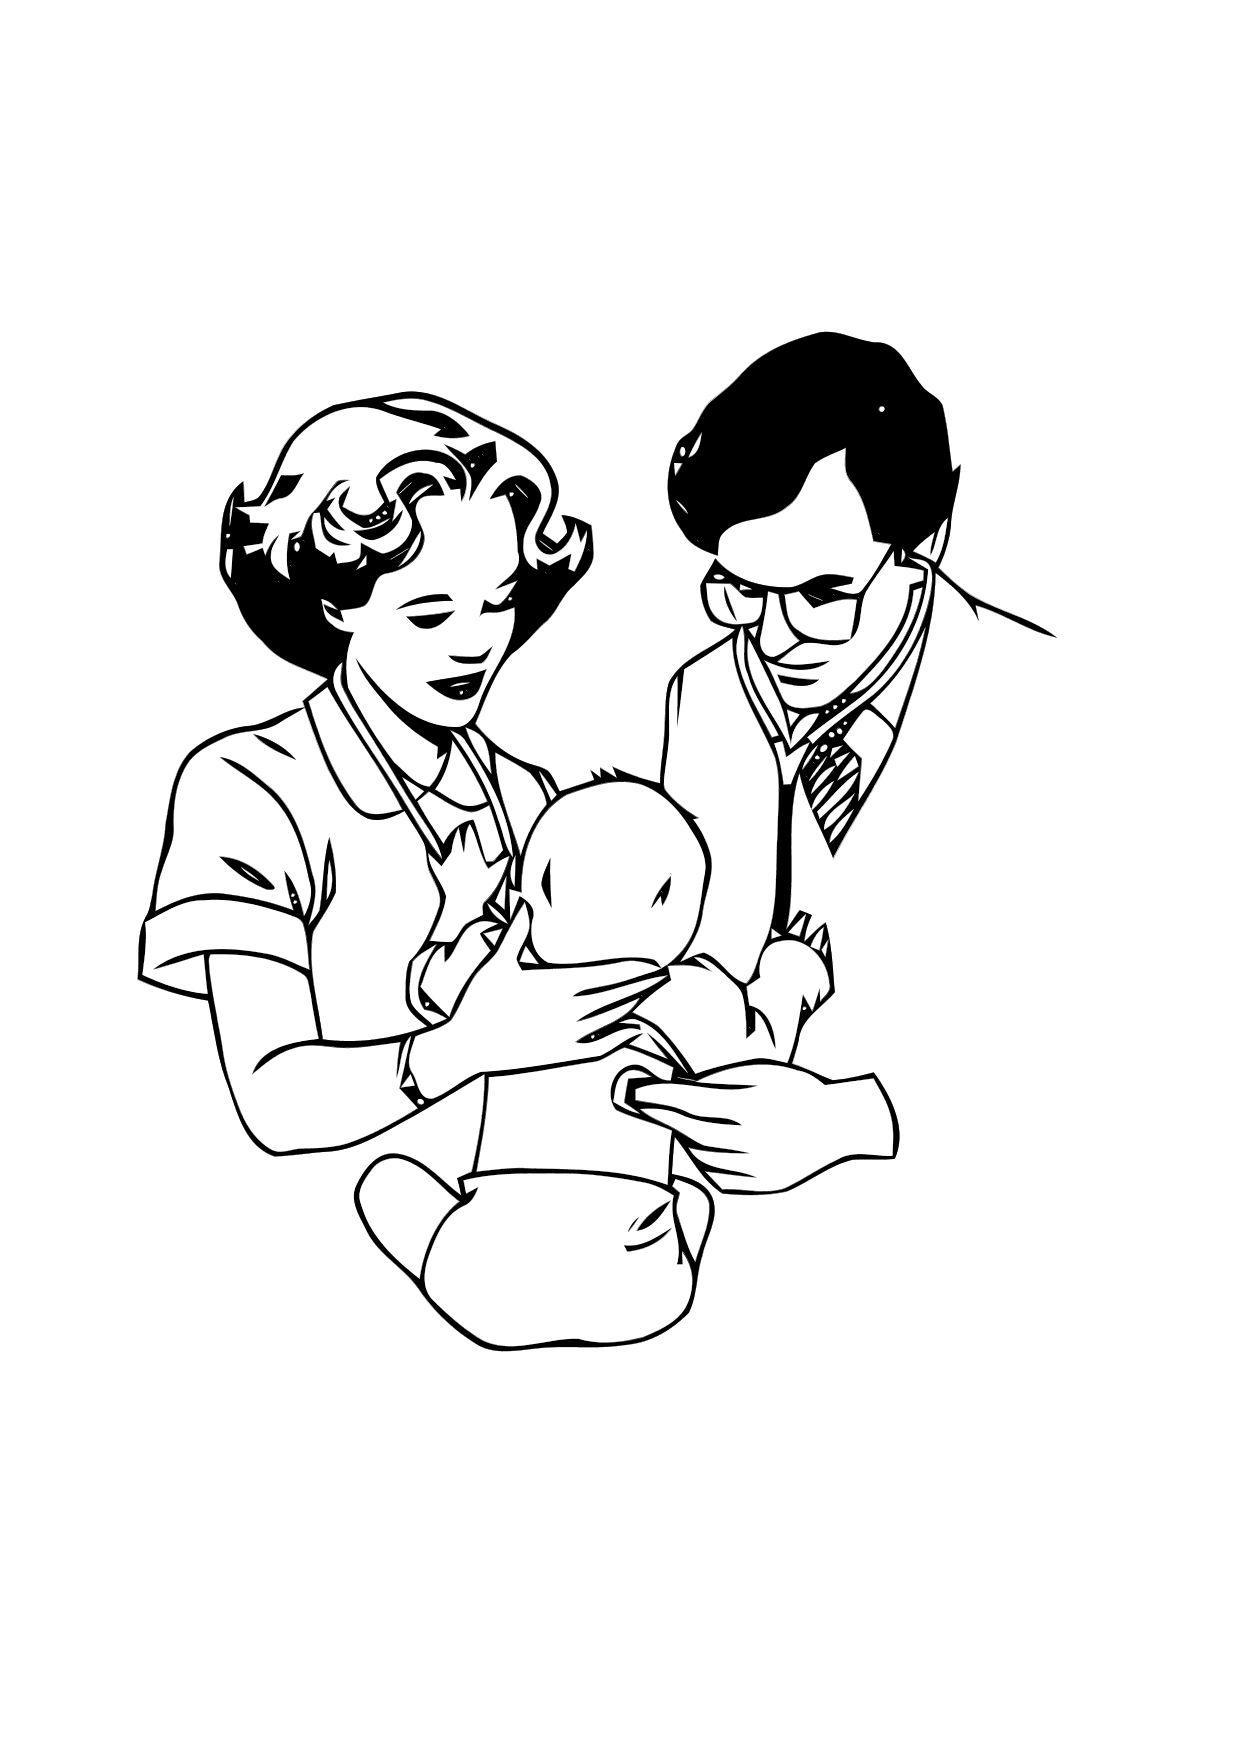 Dibujo para colorear Médico con bebé - Img 12123